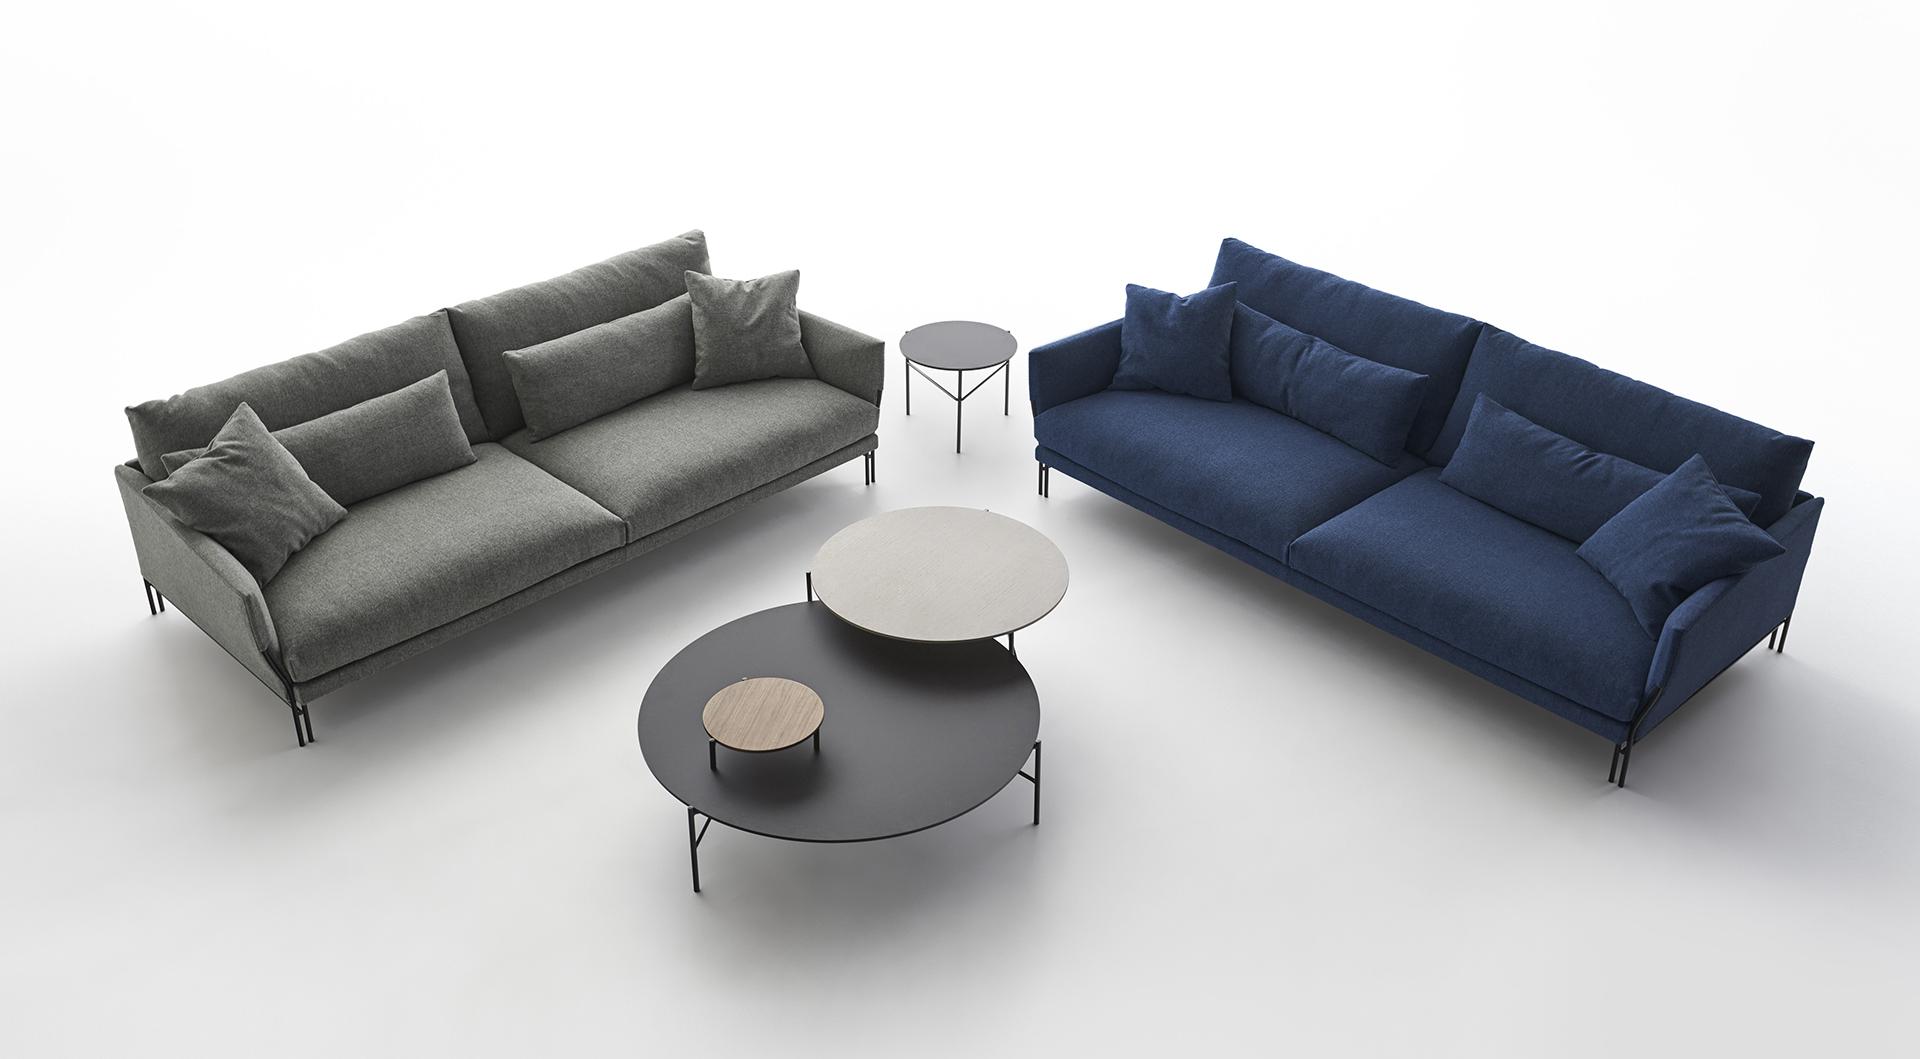 Sofá Majestic de Carmenes en gris y azul con mesas auxiliares redondas.